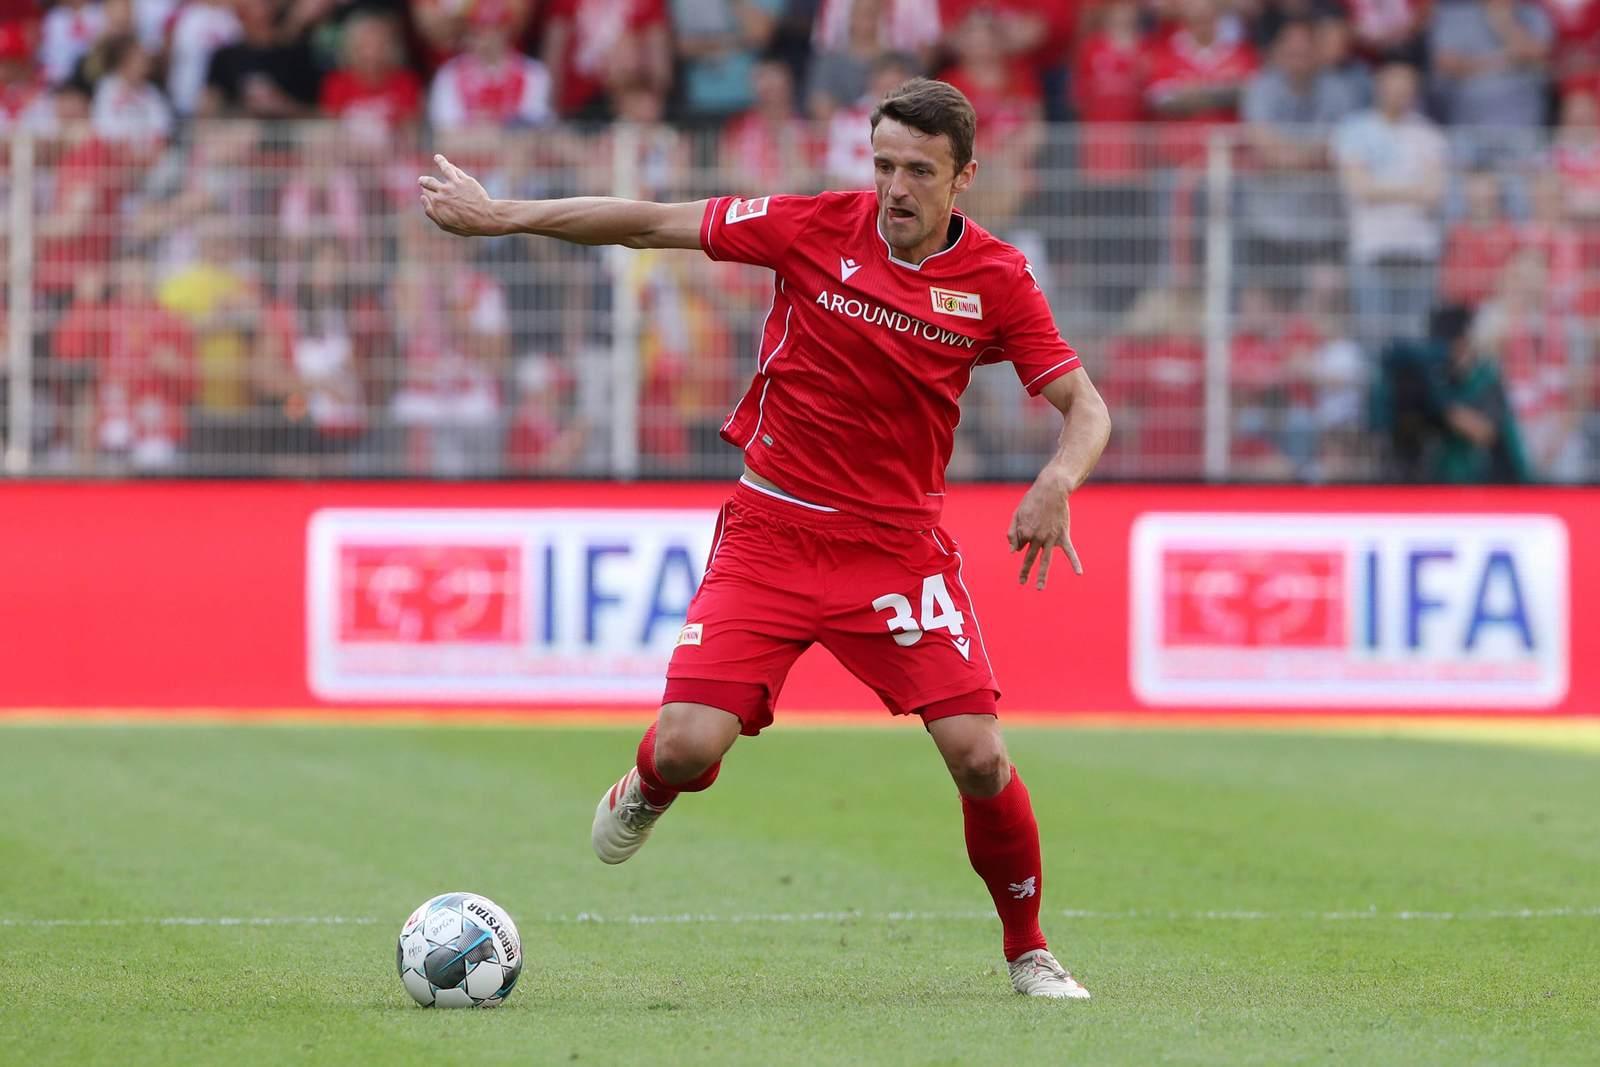 Christian Gentner am Ball für Union Berlin. Jetzt auf Union vs Leipzig wetten.